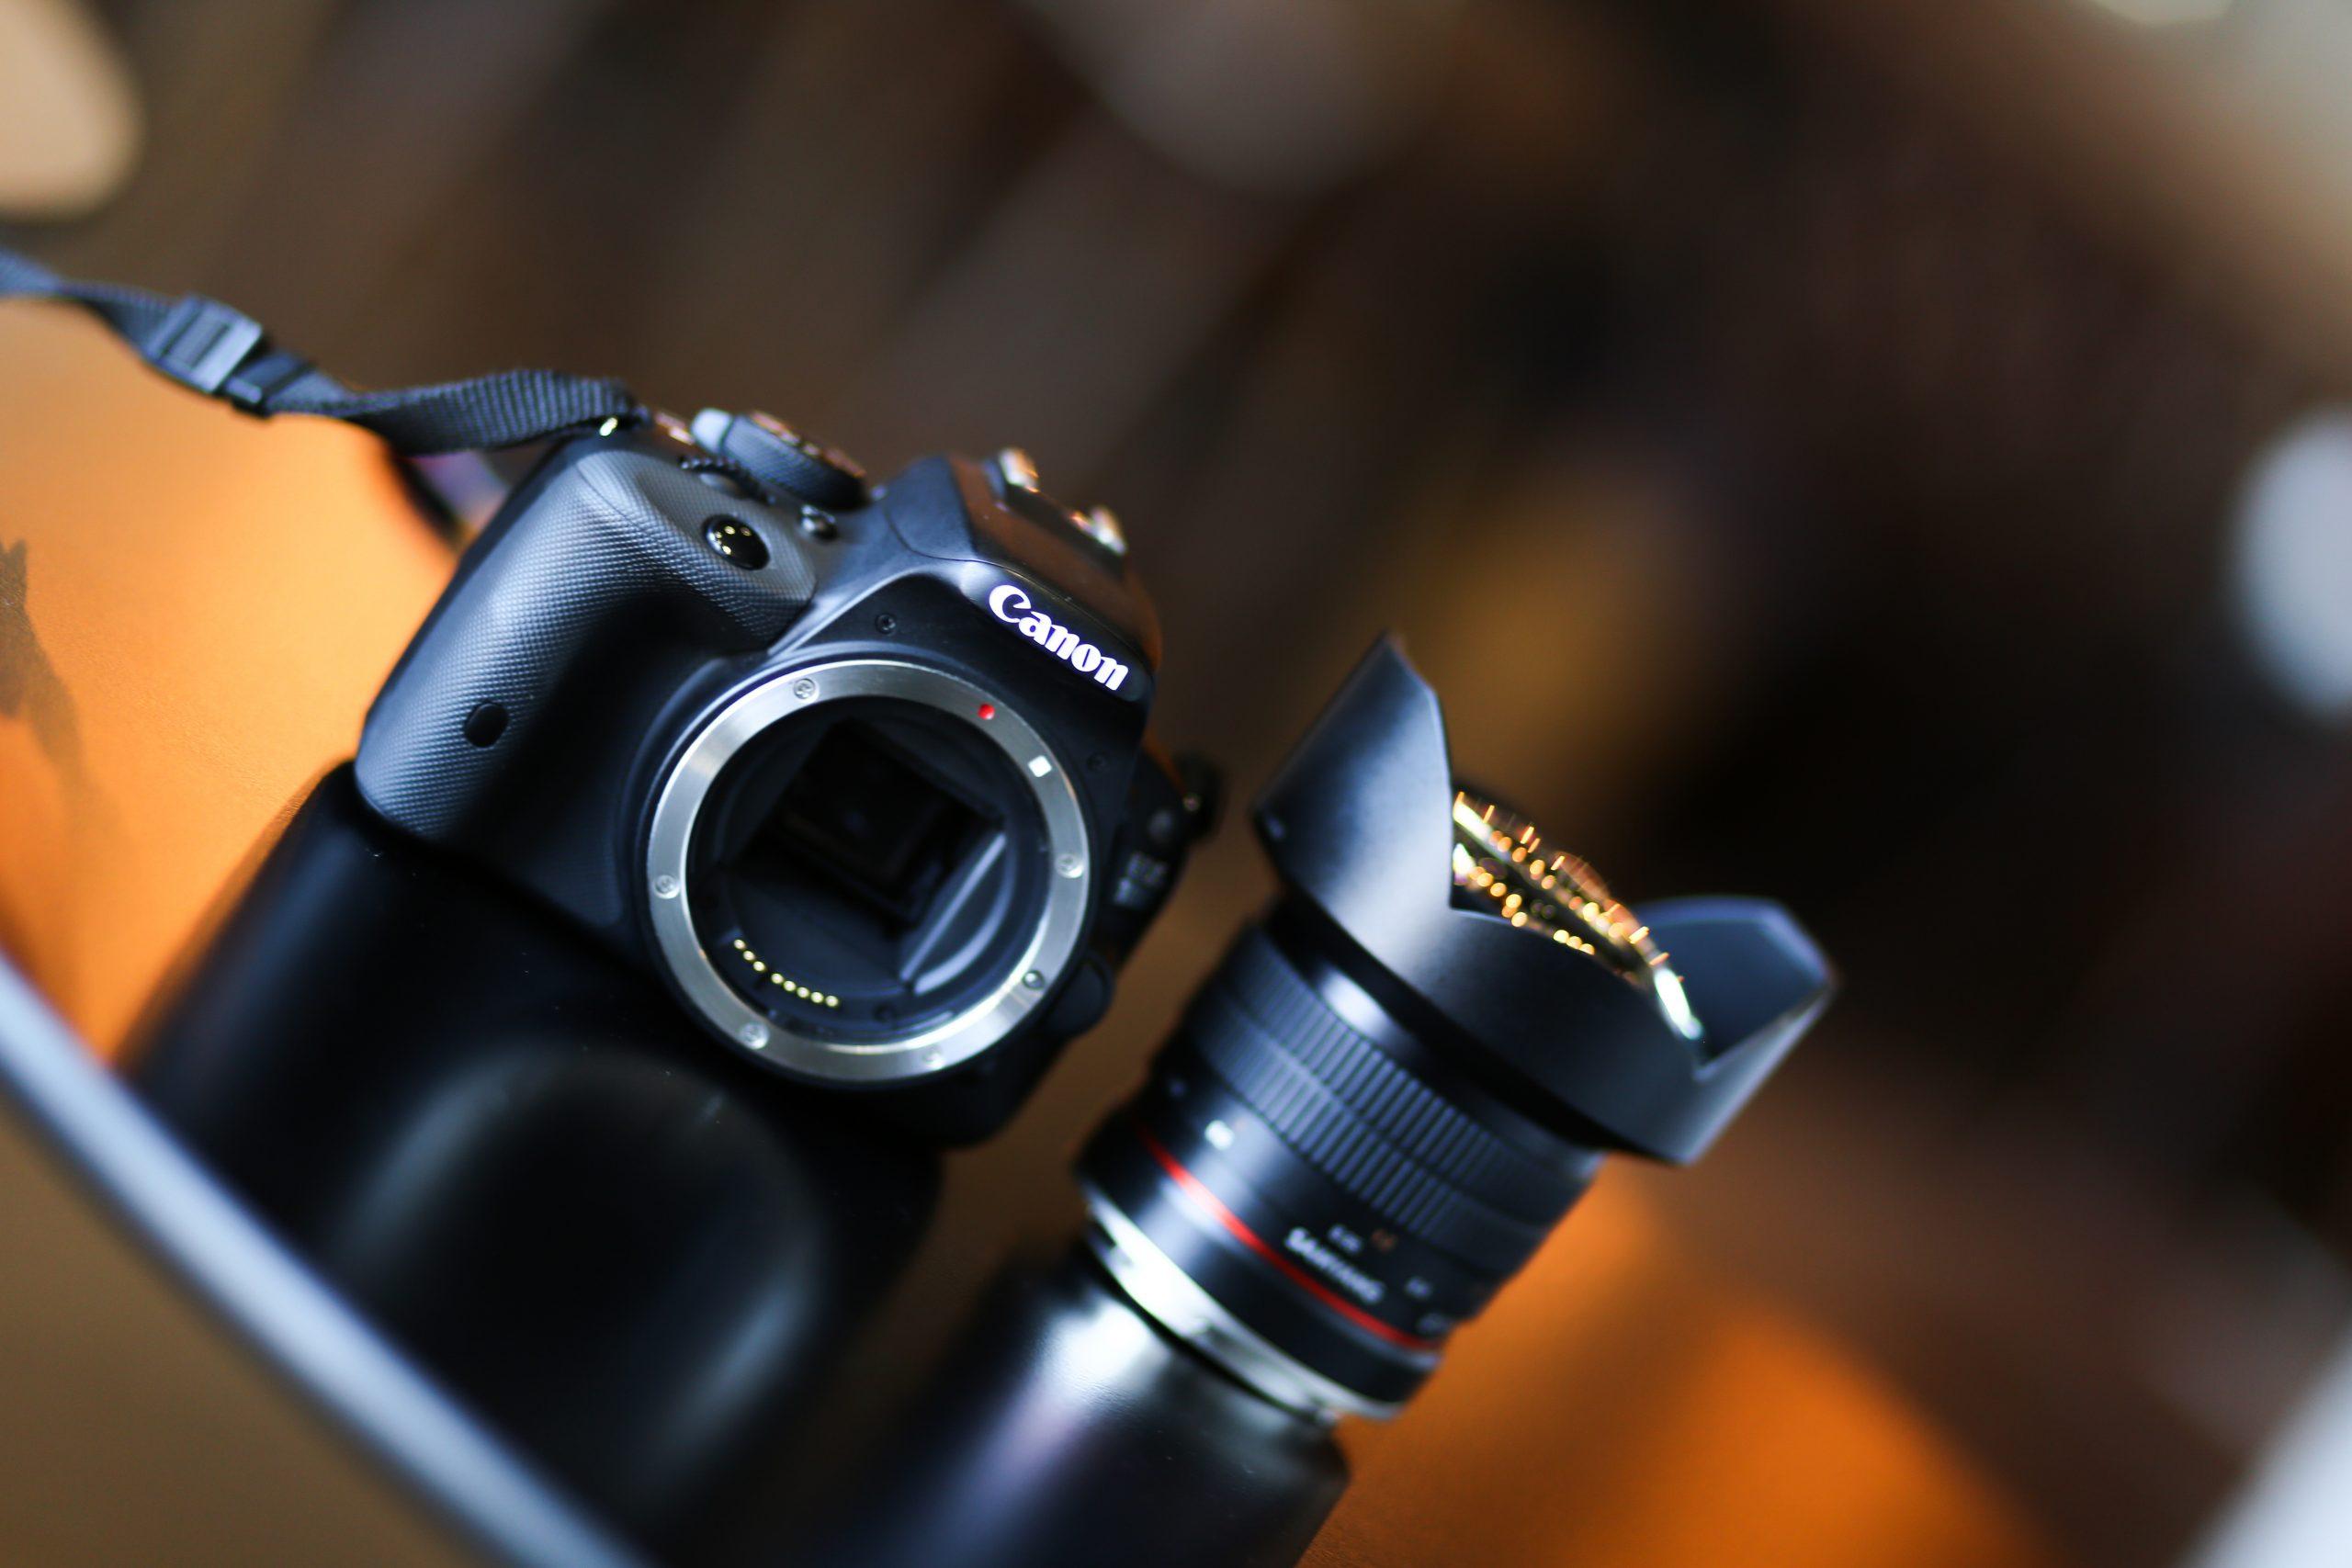 Canon Kamera: Test & Empfehlungen (09/20)